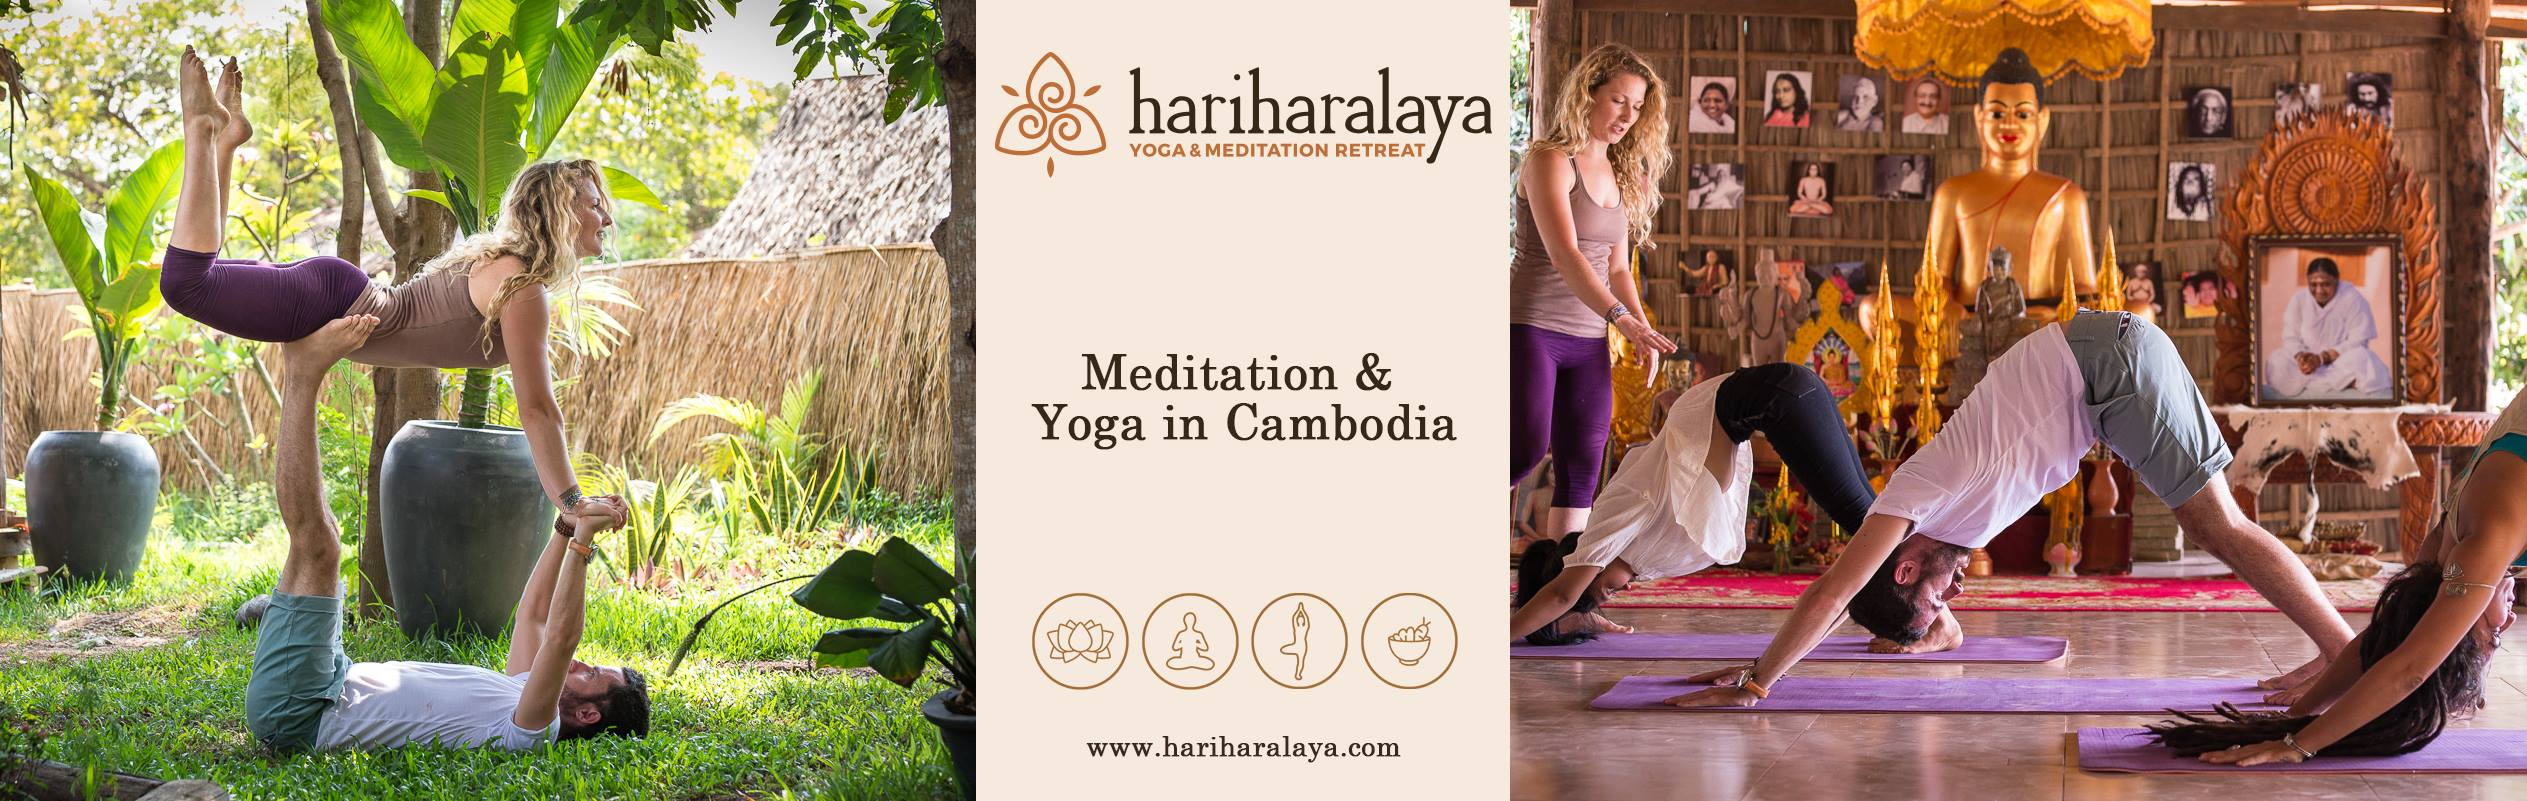 hariharalaya-retreat-centre-cambodia-5